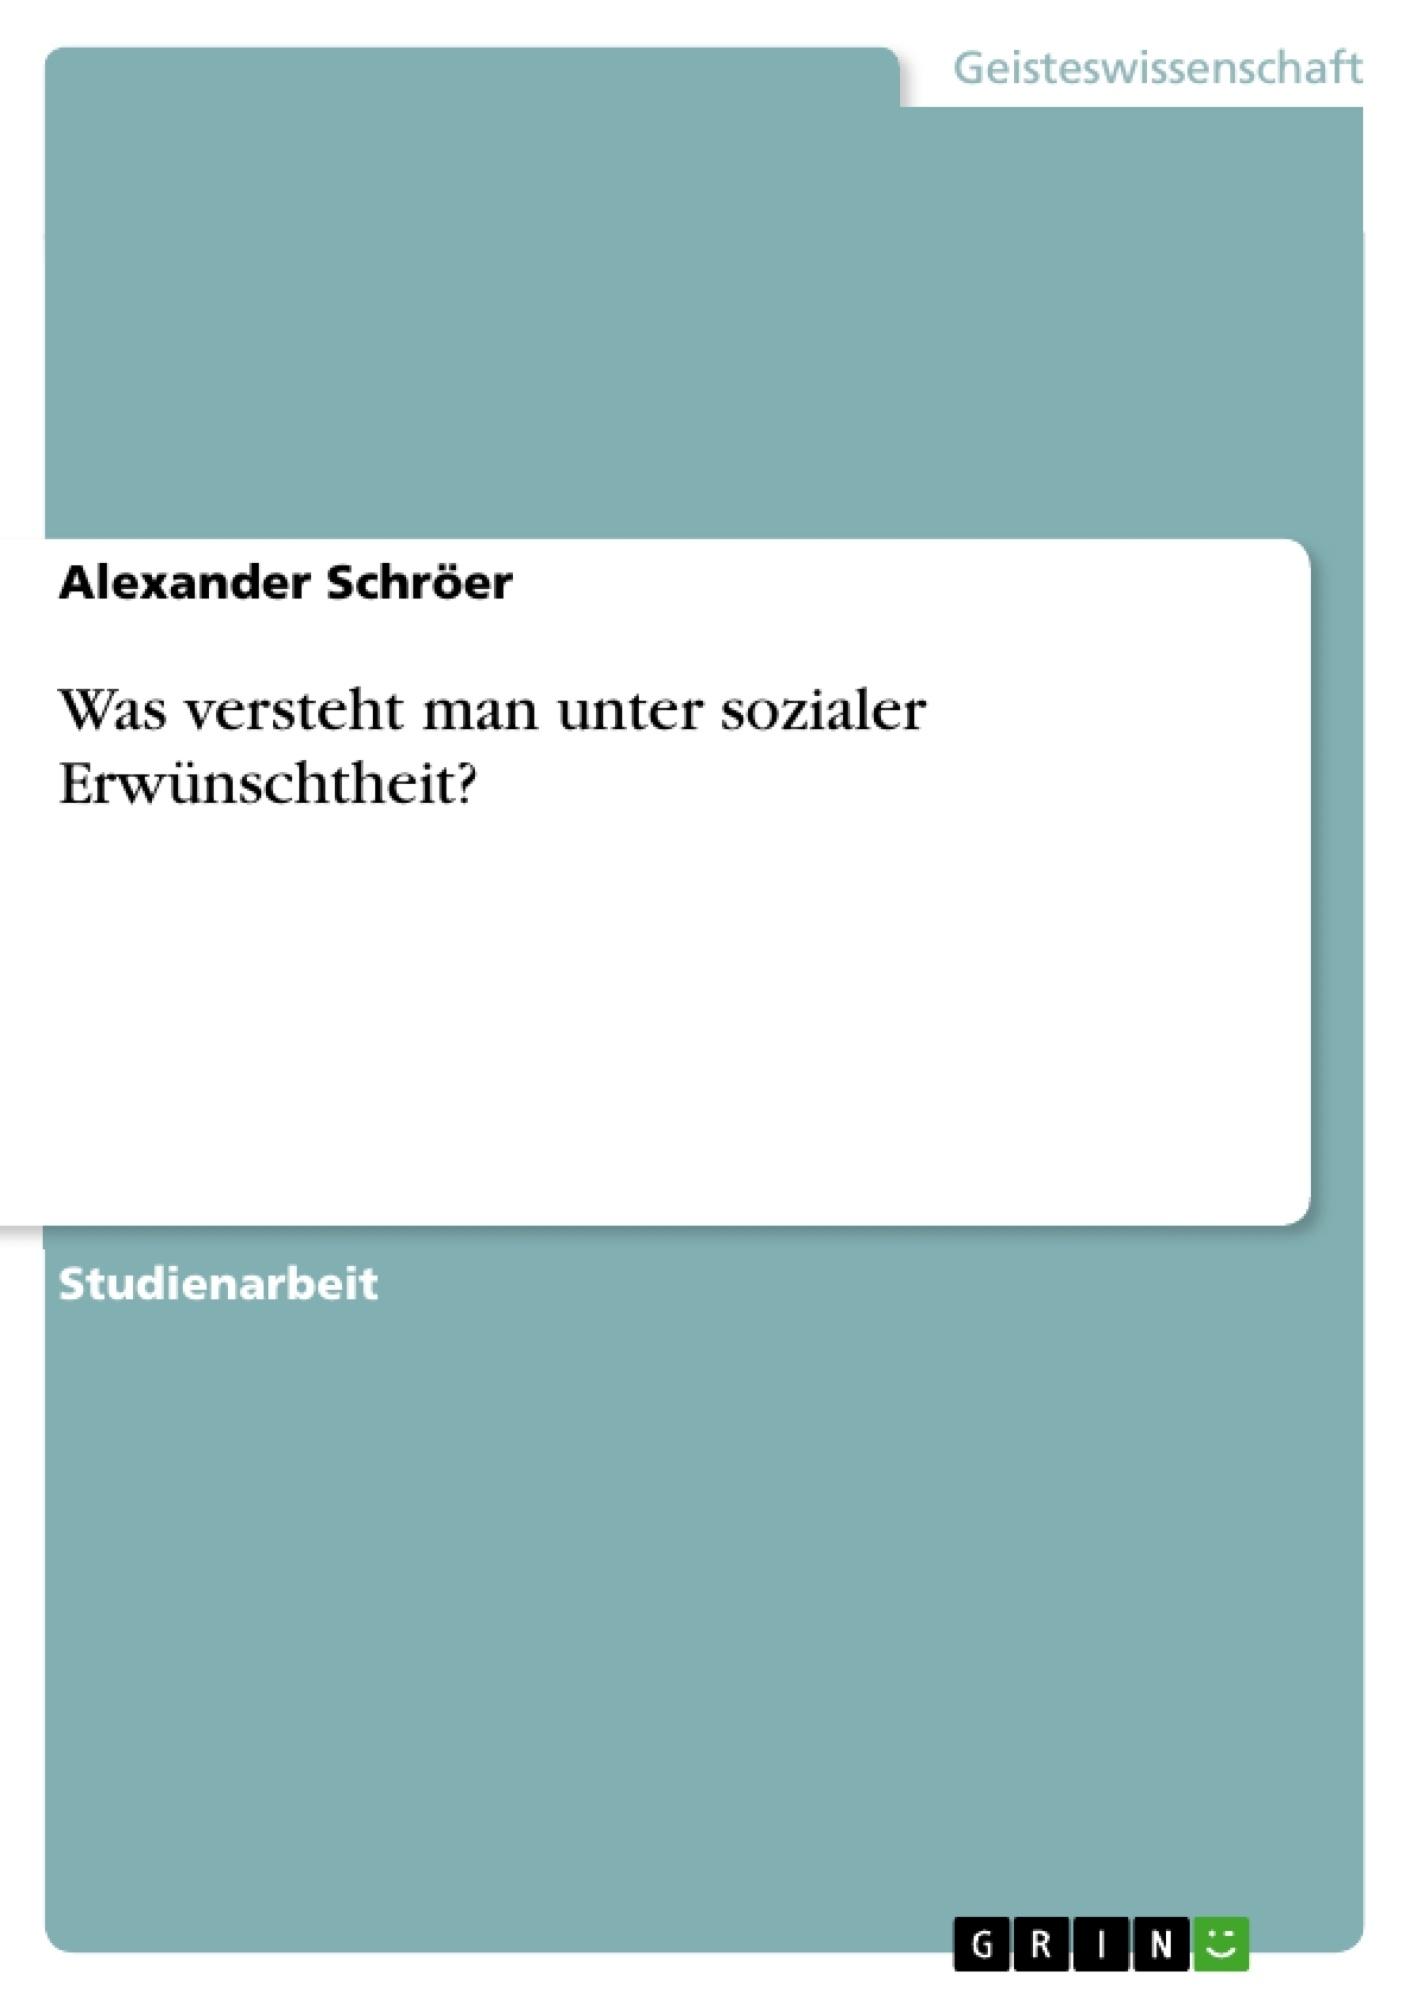 Titel: Was versteht man unter sozialer Erwünschtheit?